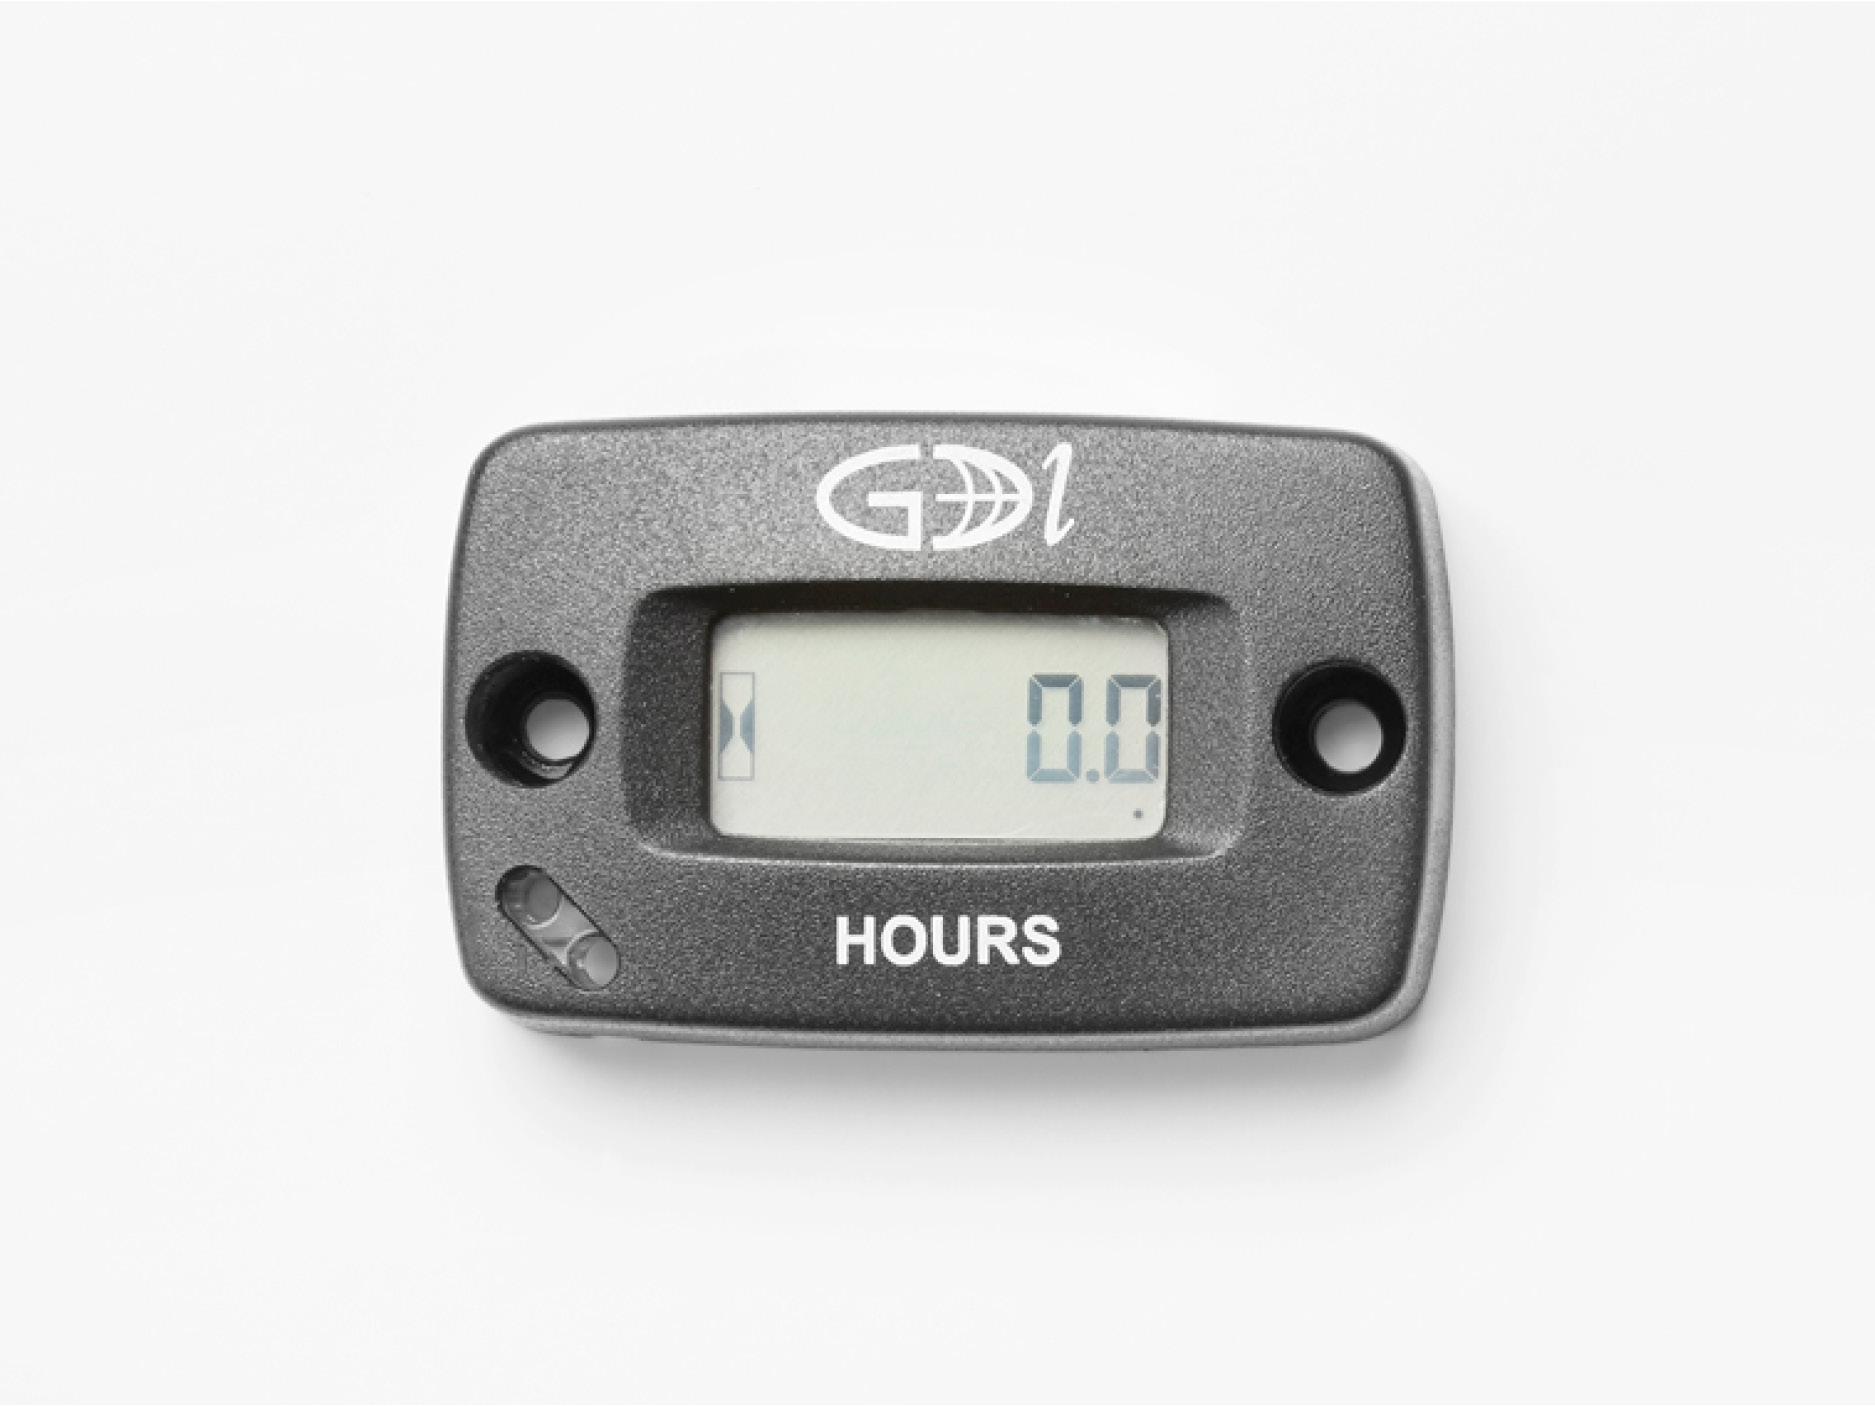 inductive hour meter